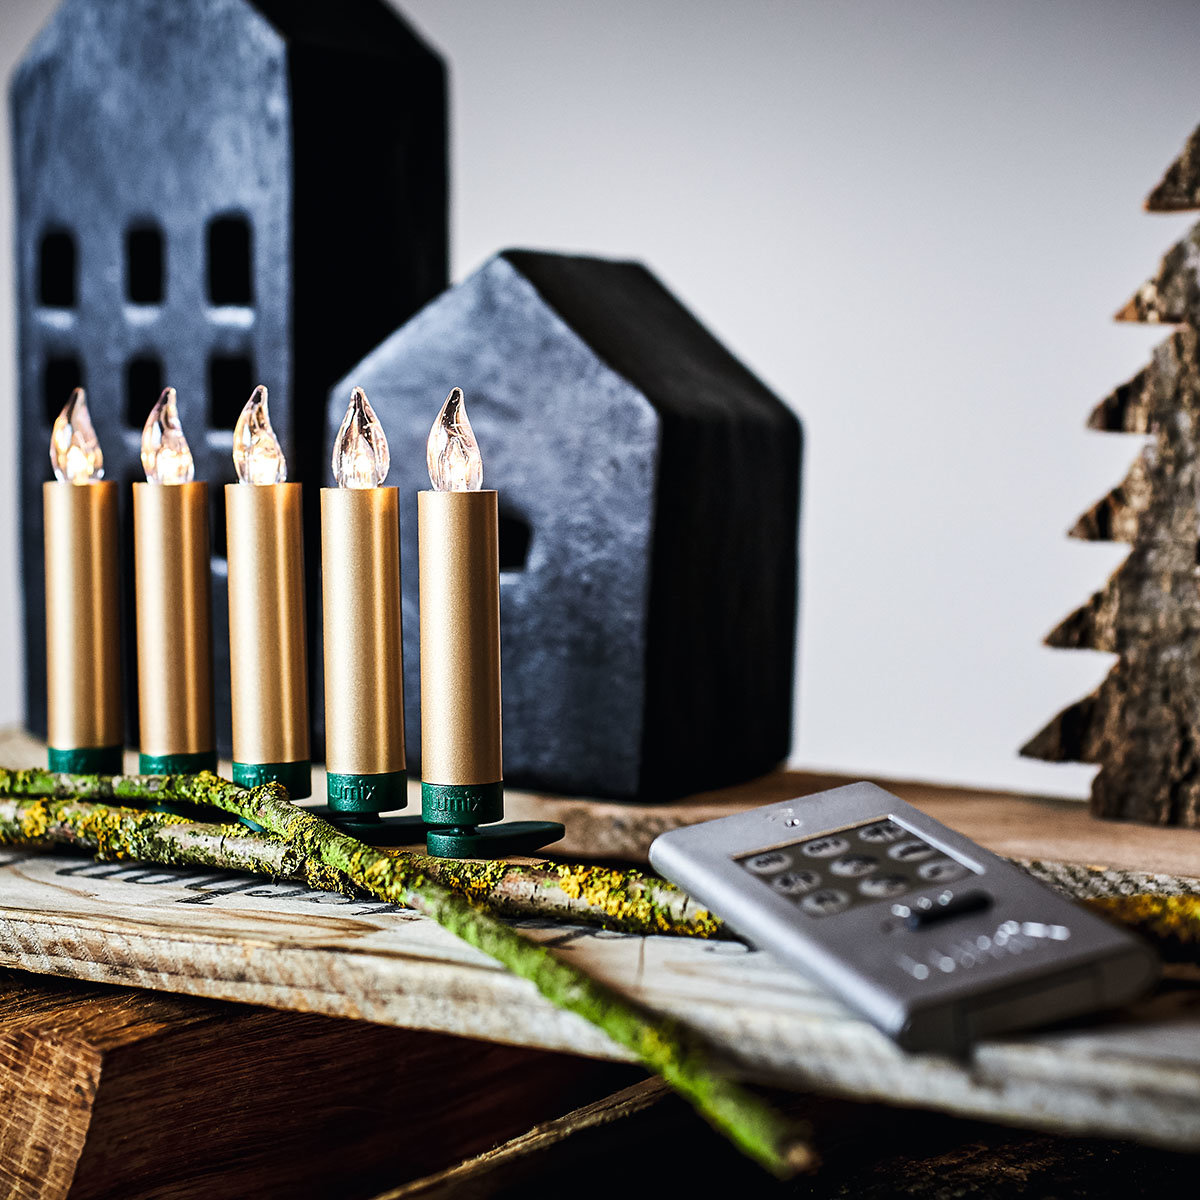 Christbaumkerzen SuperLight Mini Flame, 6er Erweiterungs-Set, gold